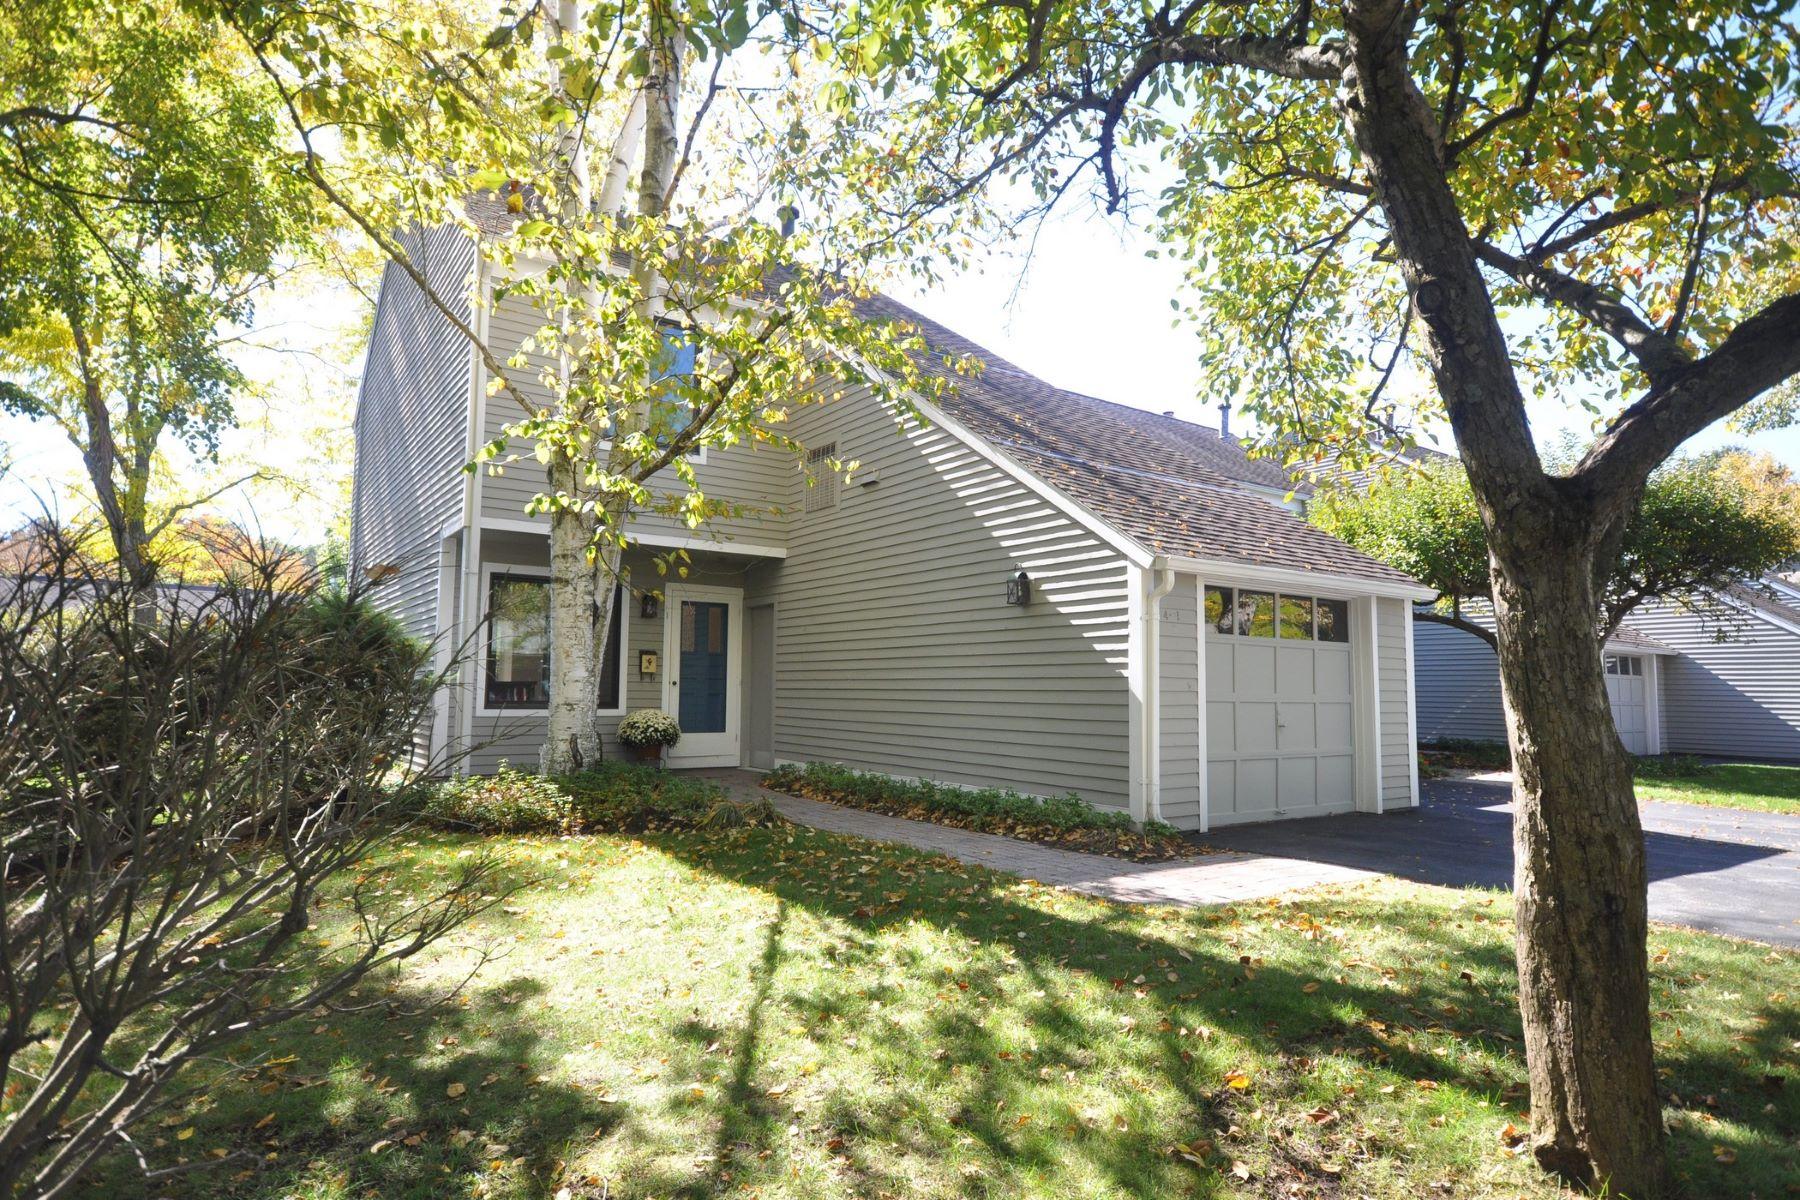 Casa Unifamiliar por un Alquiler en West Concord Village 4 Concord Greene Unit 1 Concord, Massachusetts 01742 Estados Unidos